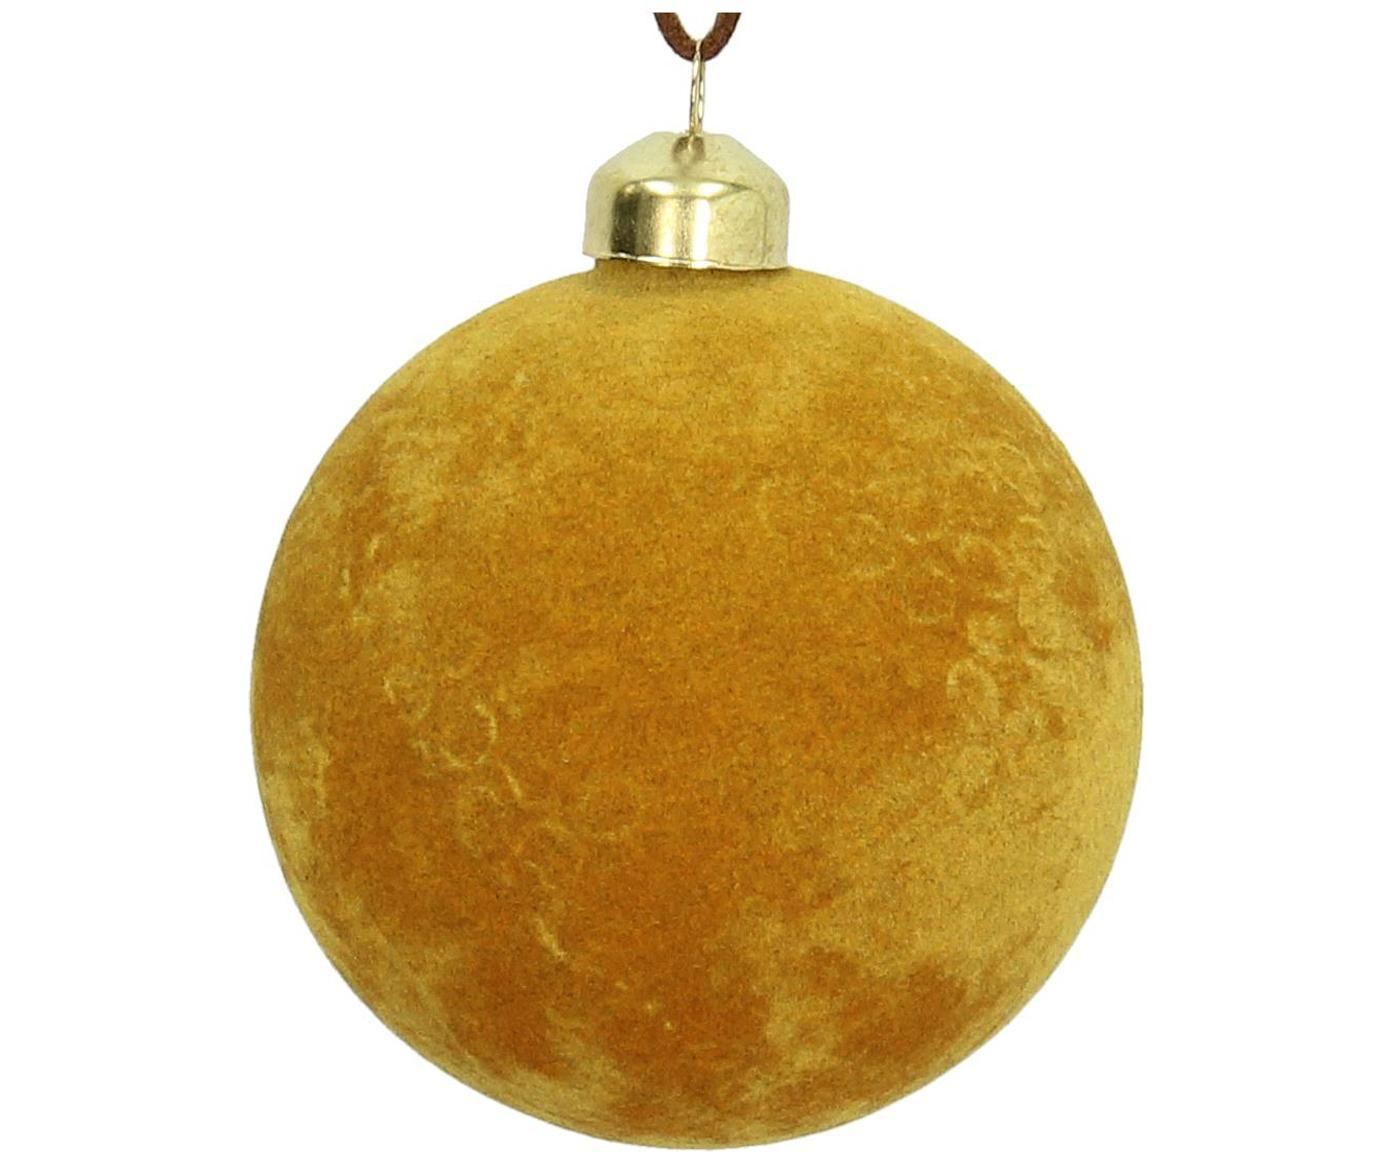 Samt-Weihnachtskugeln Elvien, 4 Stück, Gelb, Ø 8 cm